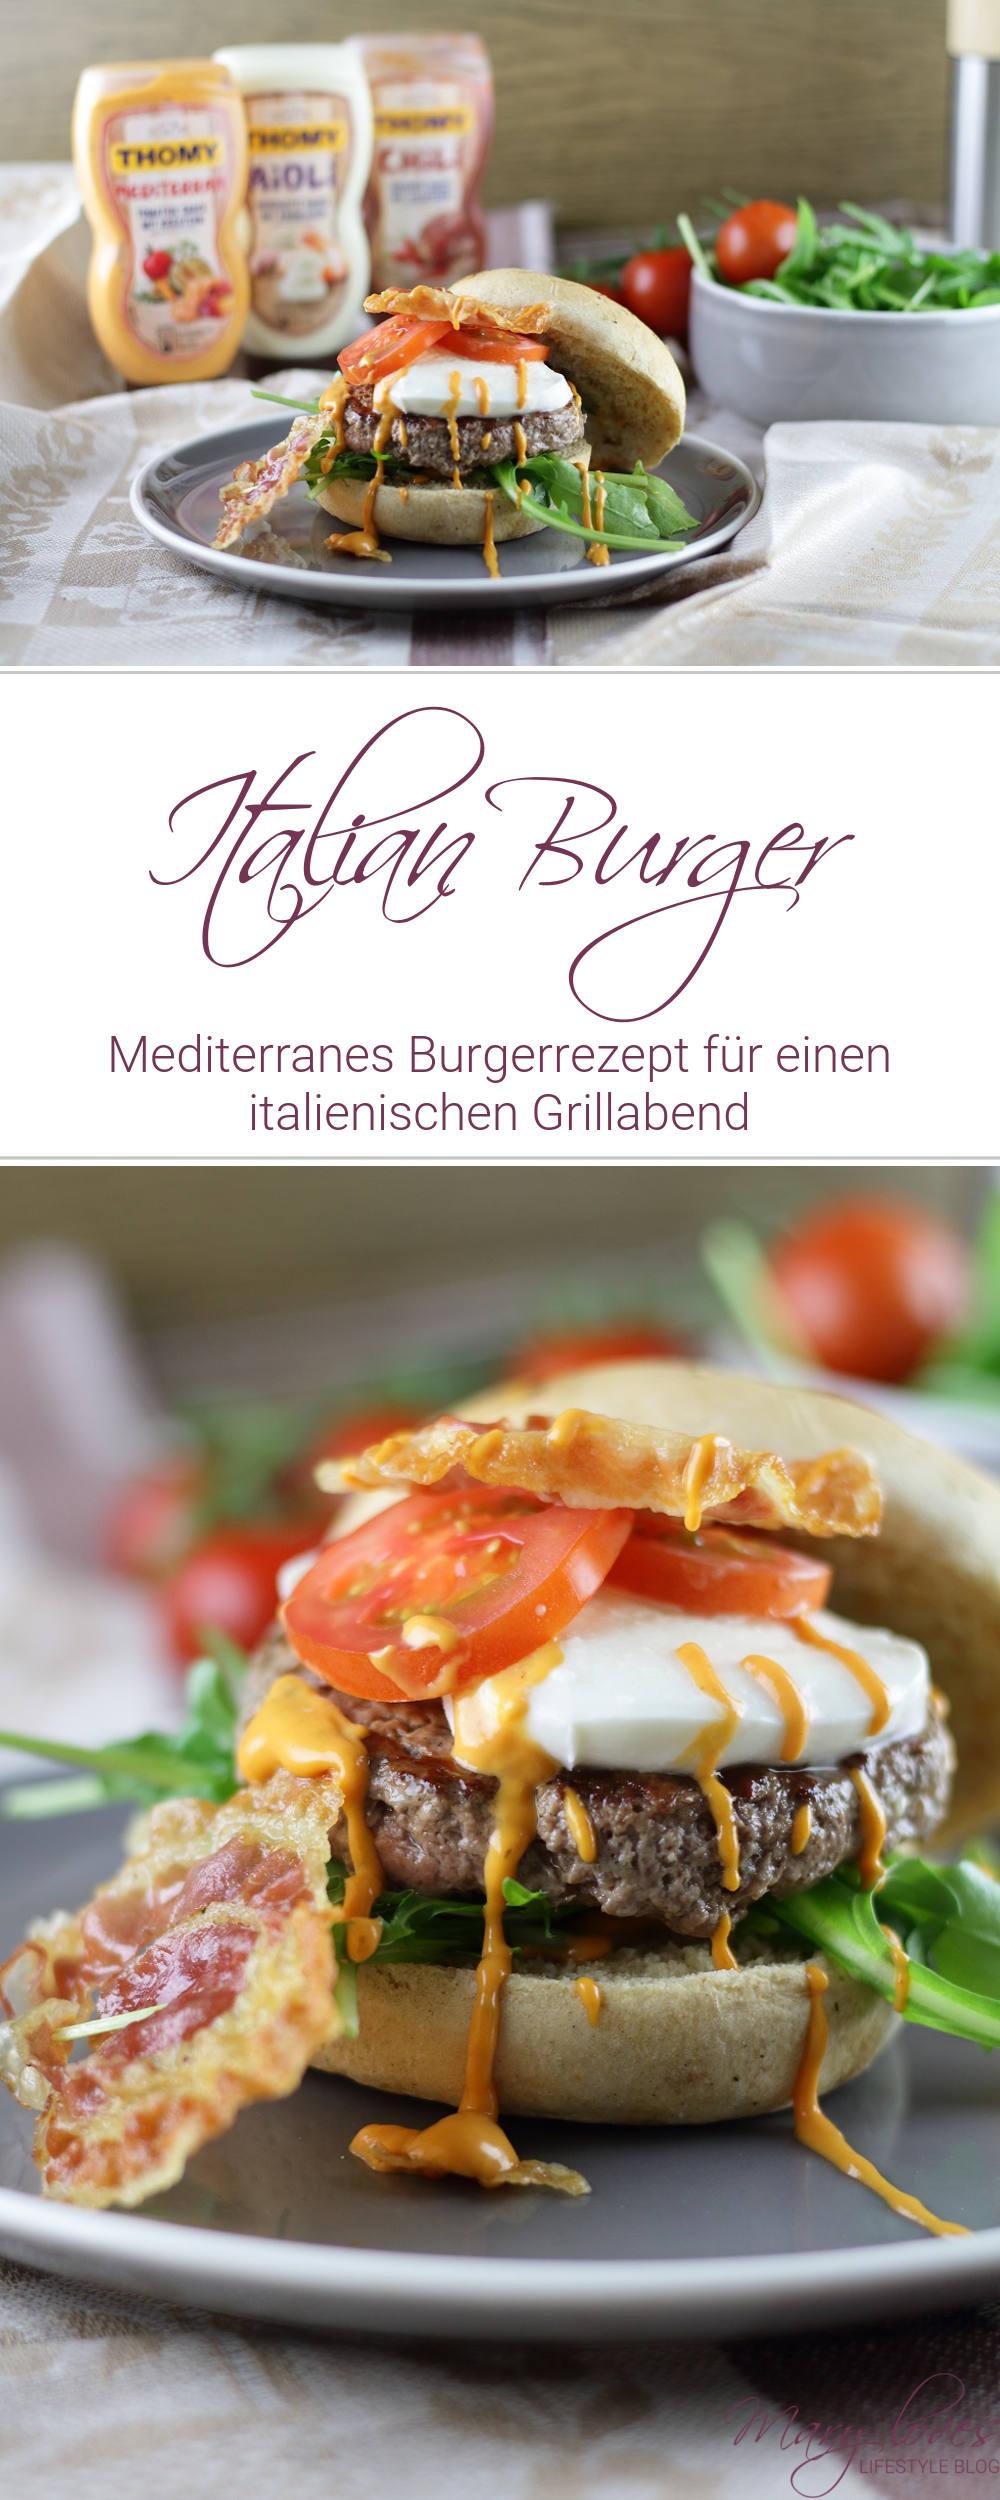 [Anzeige] Mein mediterraner Italian Burger & das THOMY Burger Battle 2018 - #burger #burgerrezept #italianburger #grillen #italienisch # burgerbattle #italienischerburger #thomy #fastfood